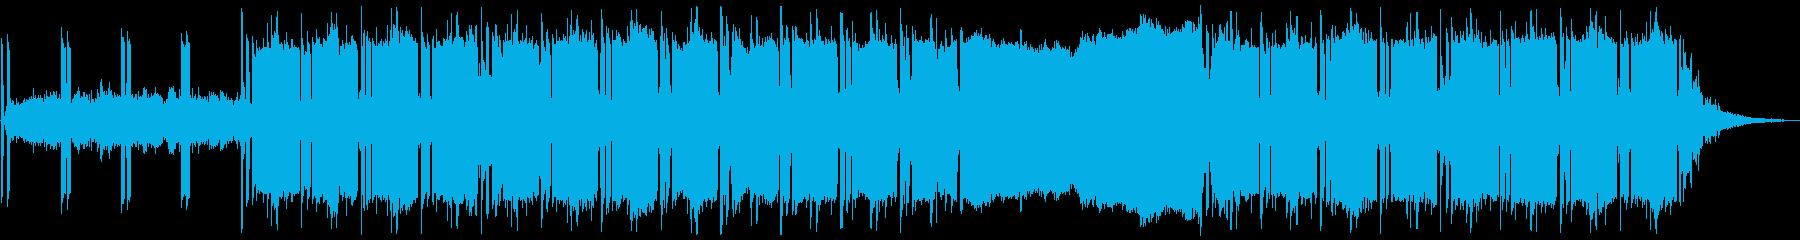 モダン テクノ アンビエント アク...の再生済みの波形